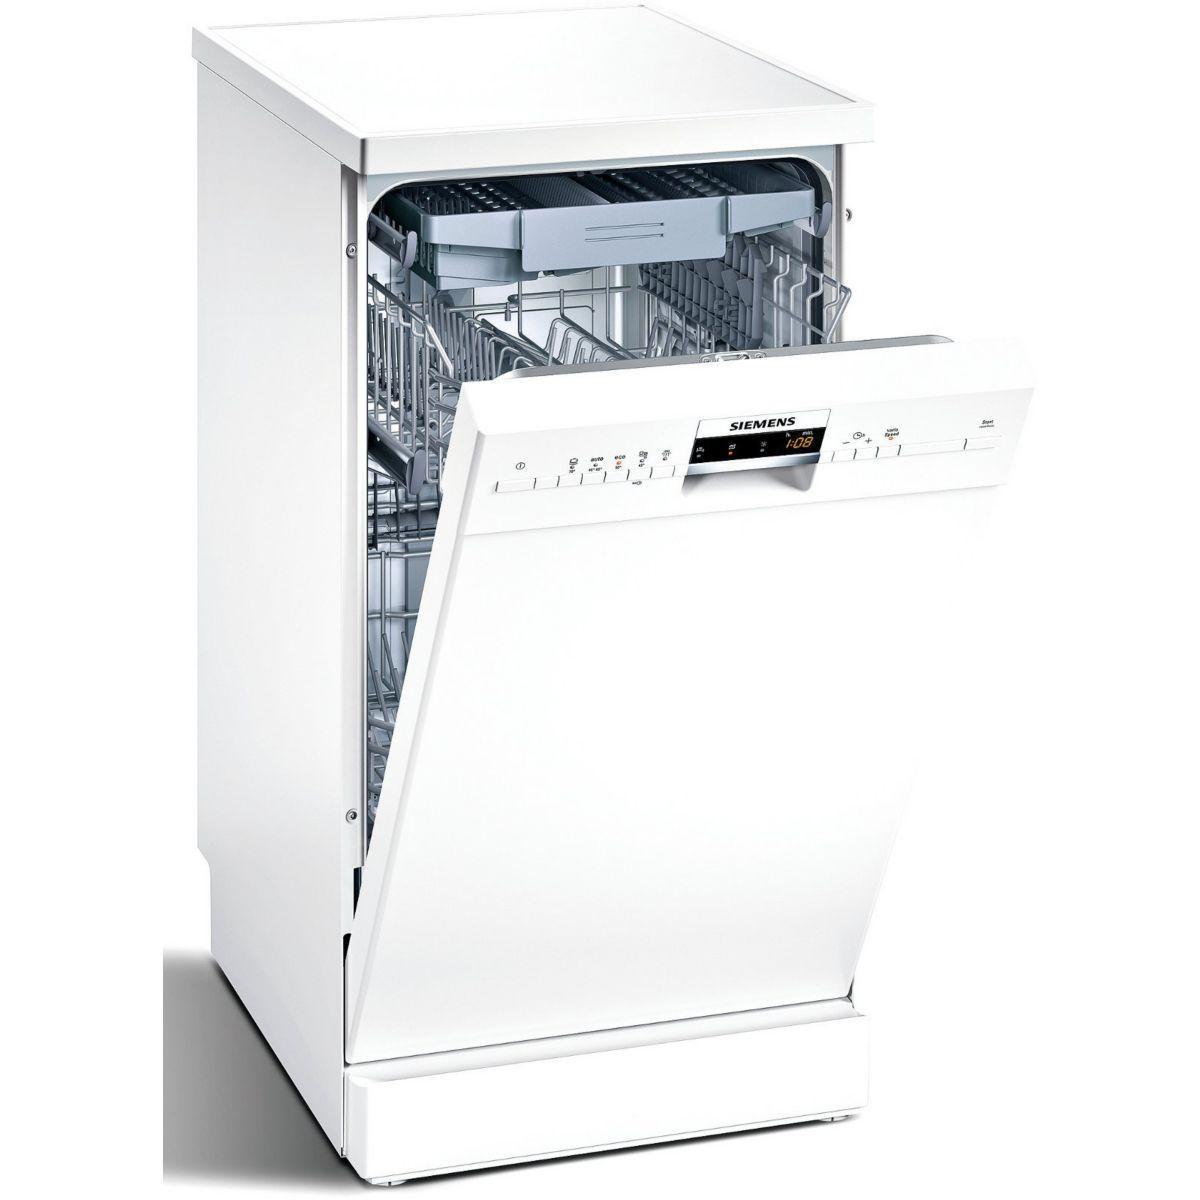 Lave-vaisselle 45cm SIEMENS SR25M282EU (photo)